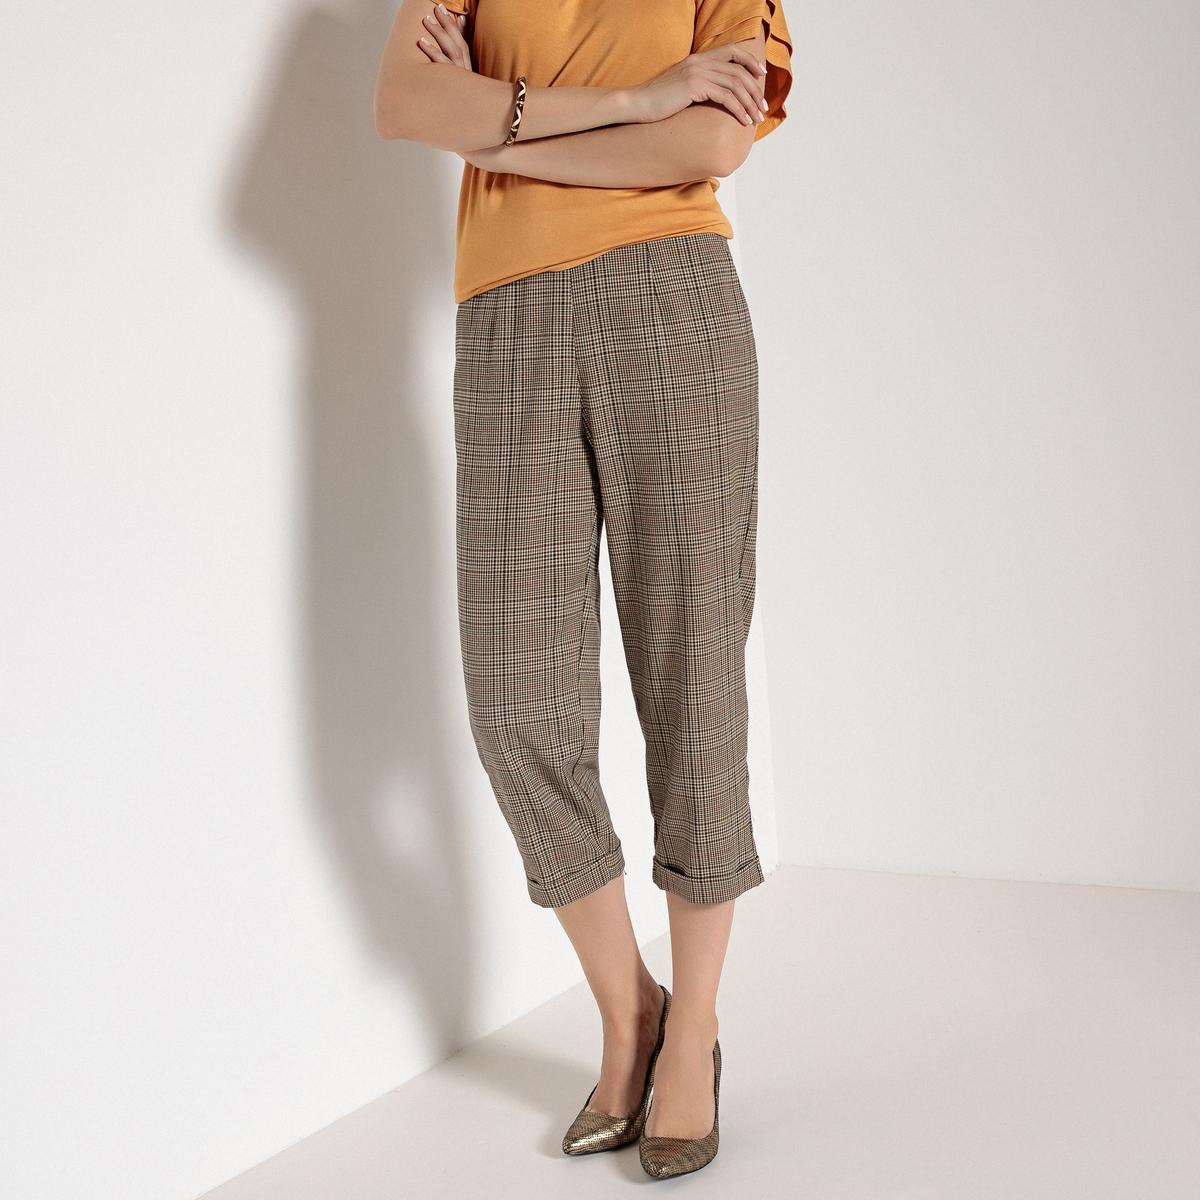 Брюки короткие прямые с рисунком в клетку прямые брюки с застежкой на молнию cristina effe прямые брюки с застежкой на молнию